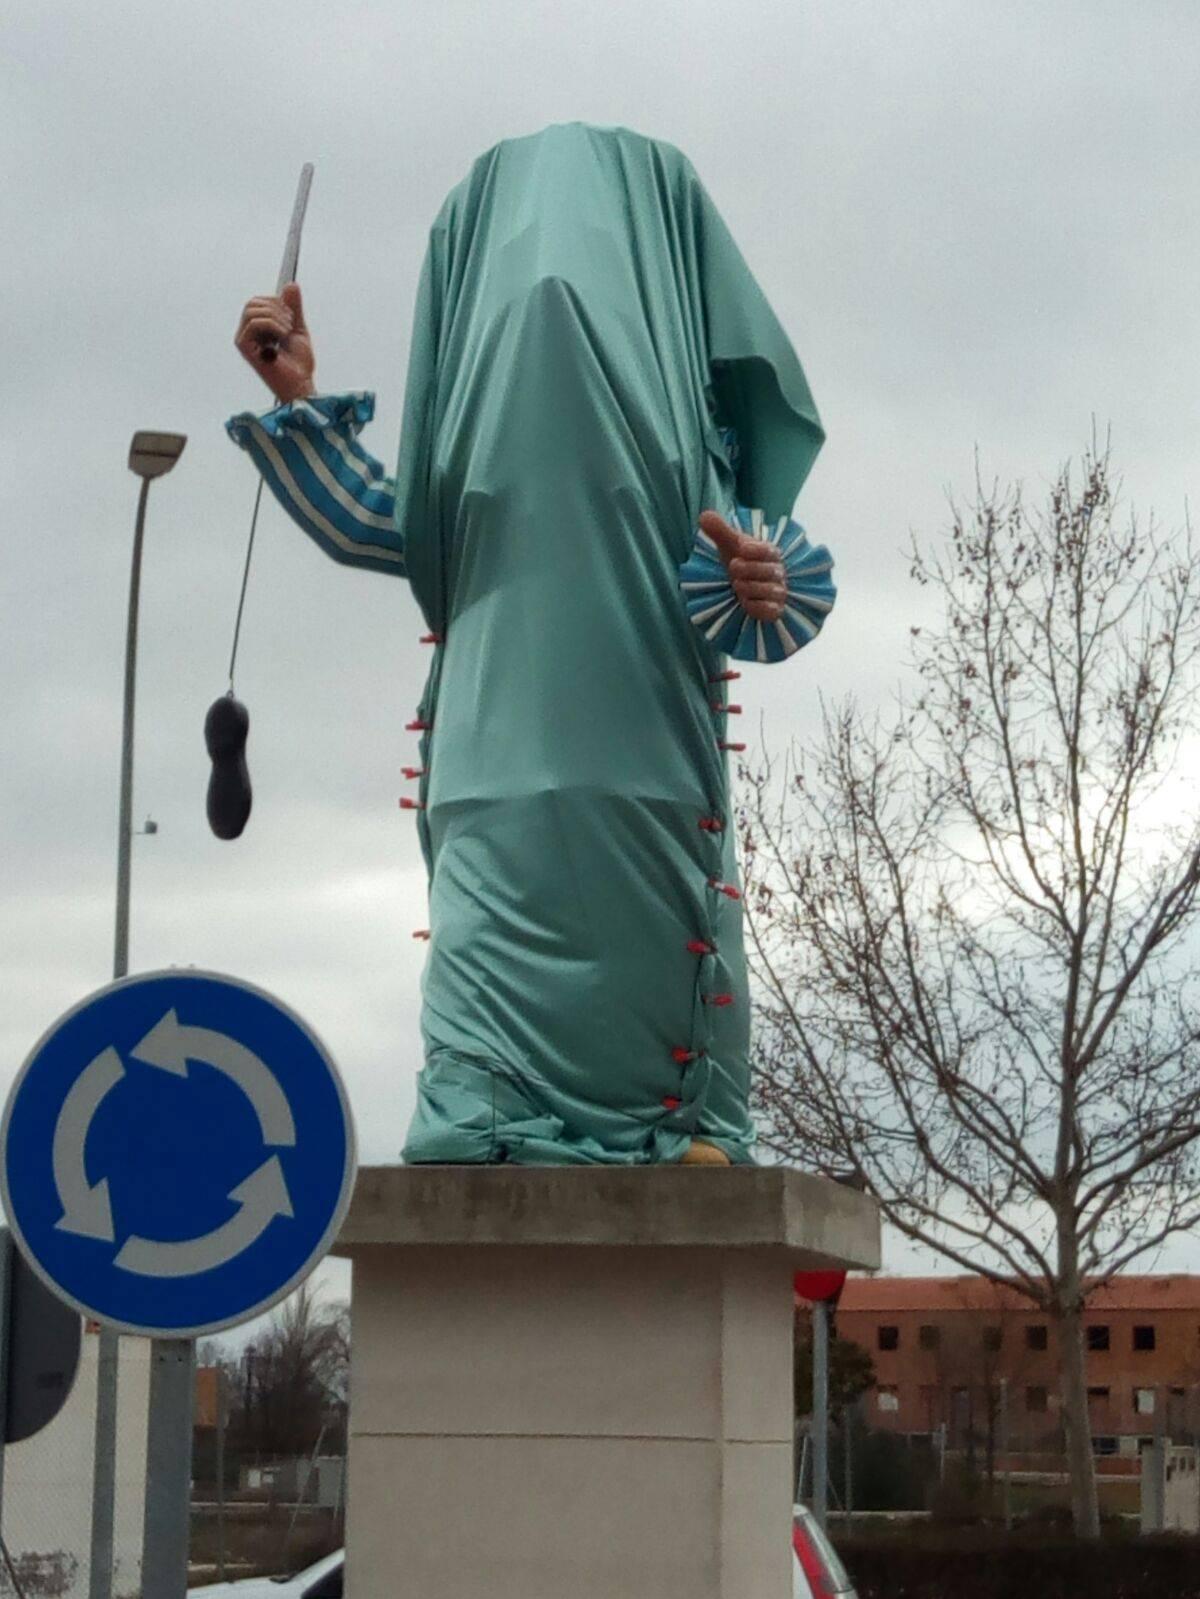 escultura perle oculta en la rotonda de herencia - El Carnaval de Herencia instaló la escultura Perlé